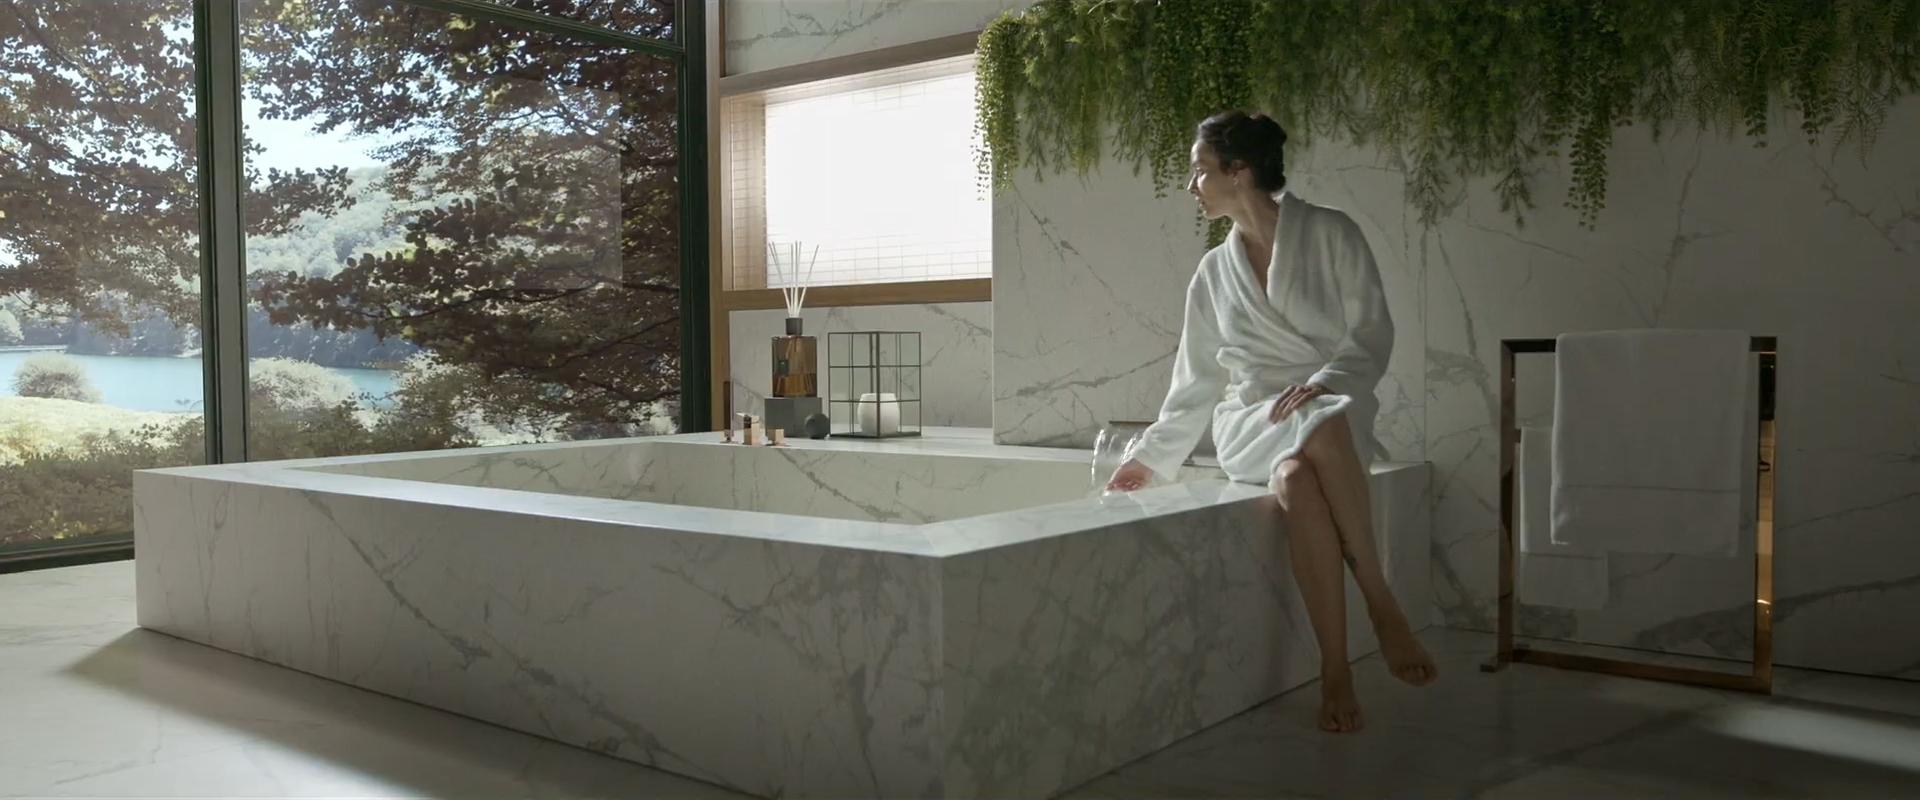 Inalco promociona la innovación en el diseño de revestimientos basados en minerales con una nueva Brand Movie, BEYOND NATURE.